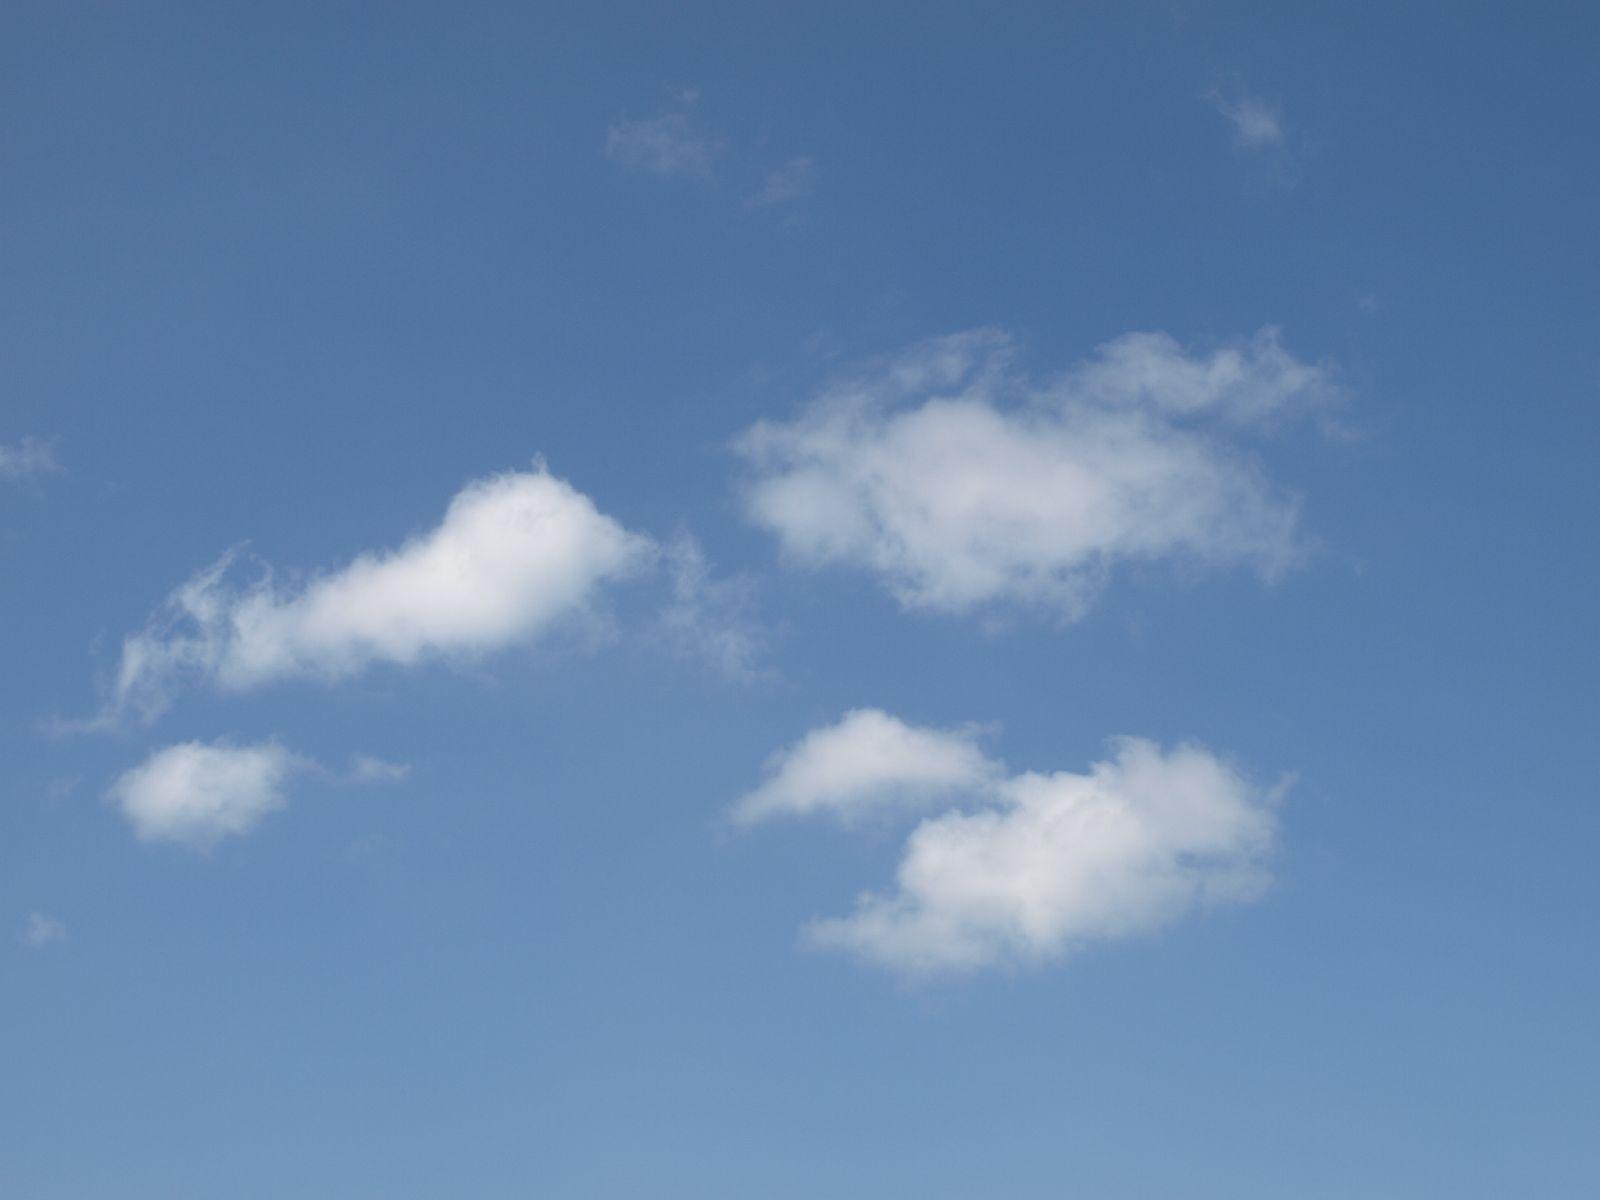 Himmel-Wolken-Foto_Textur_A_P5265194